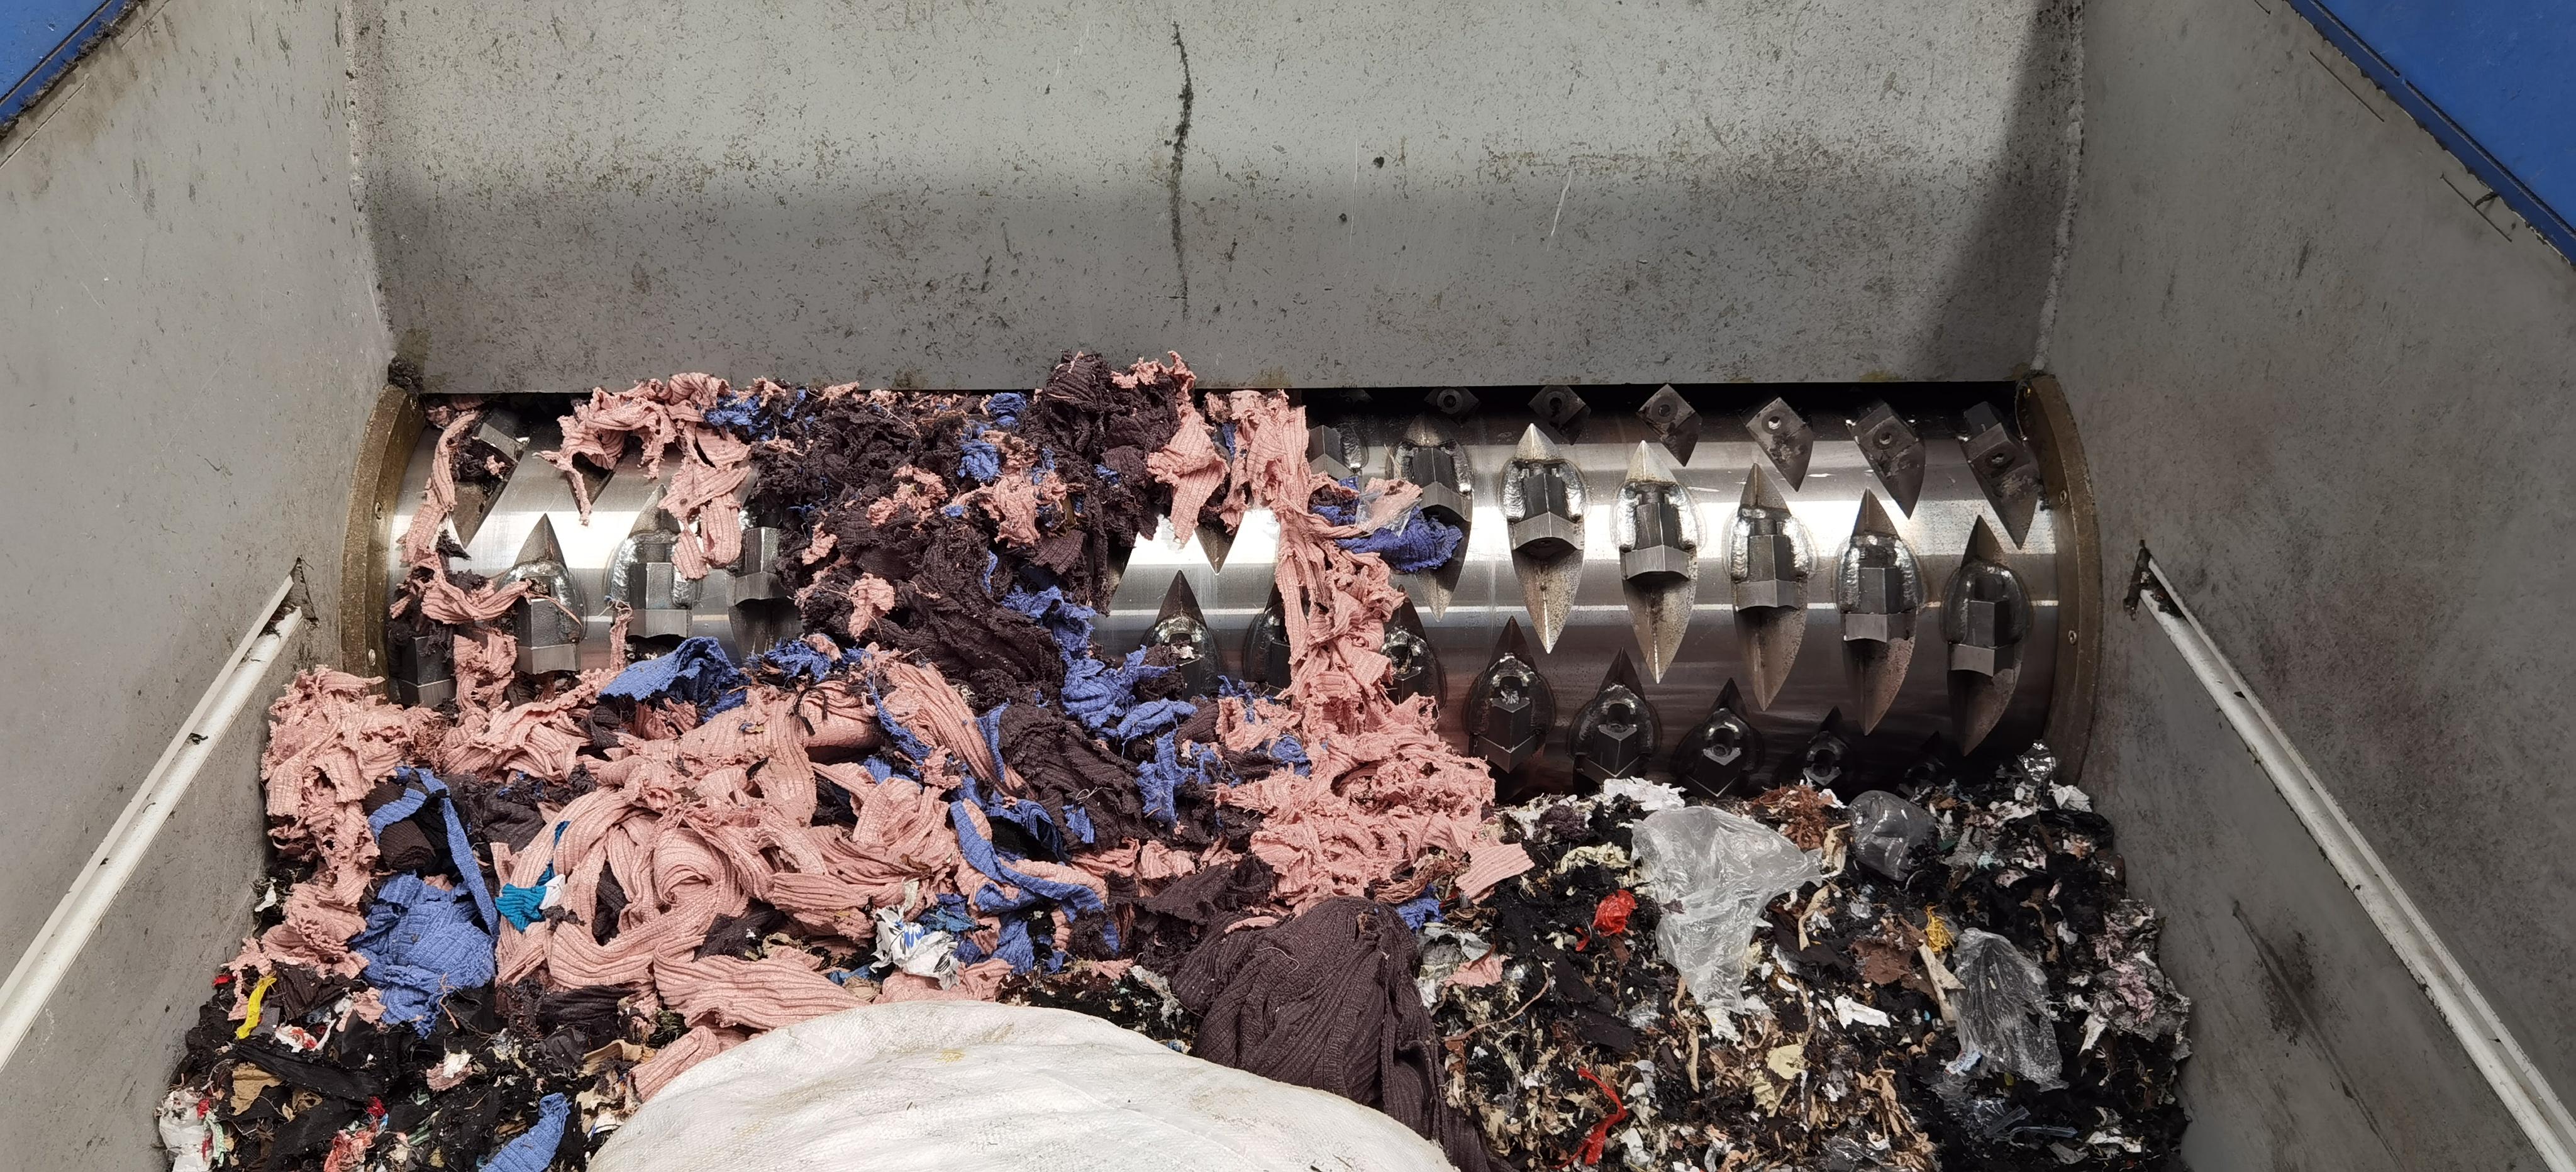 fabric shredder